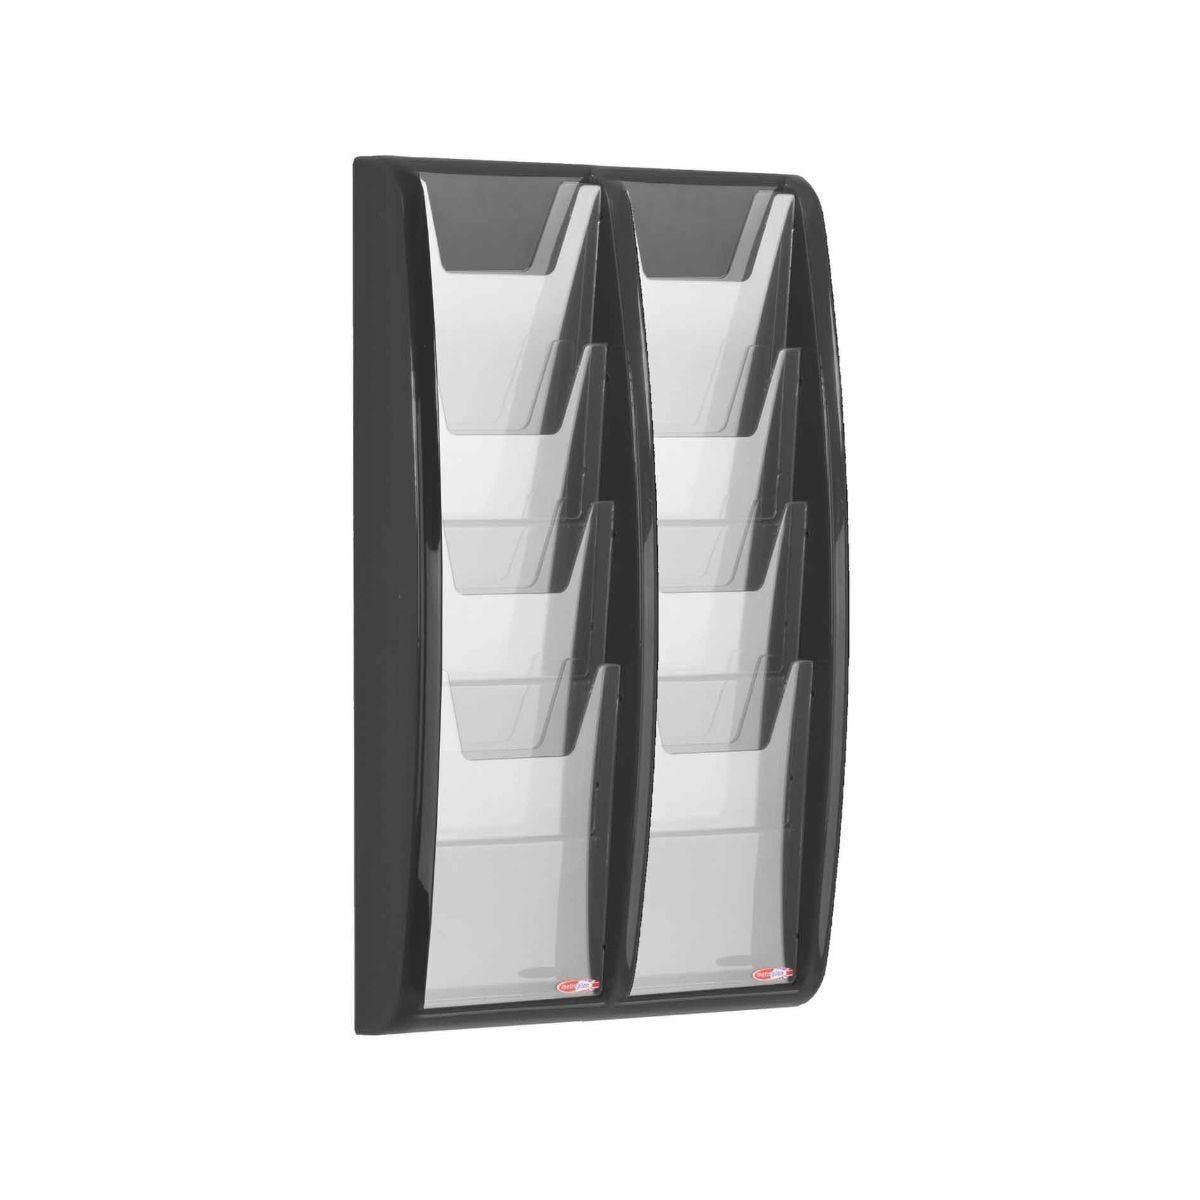 Metroplan Panorama Wall Mounted Leaflet Dispenser 8 x A5 Black